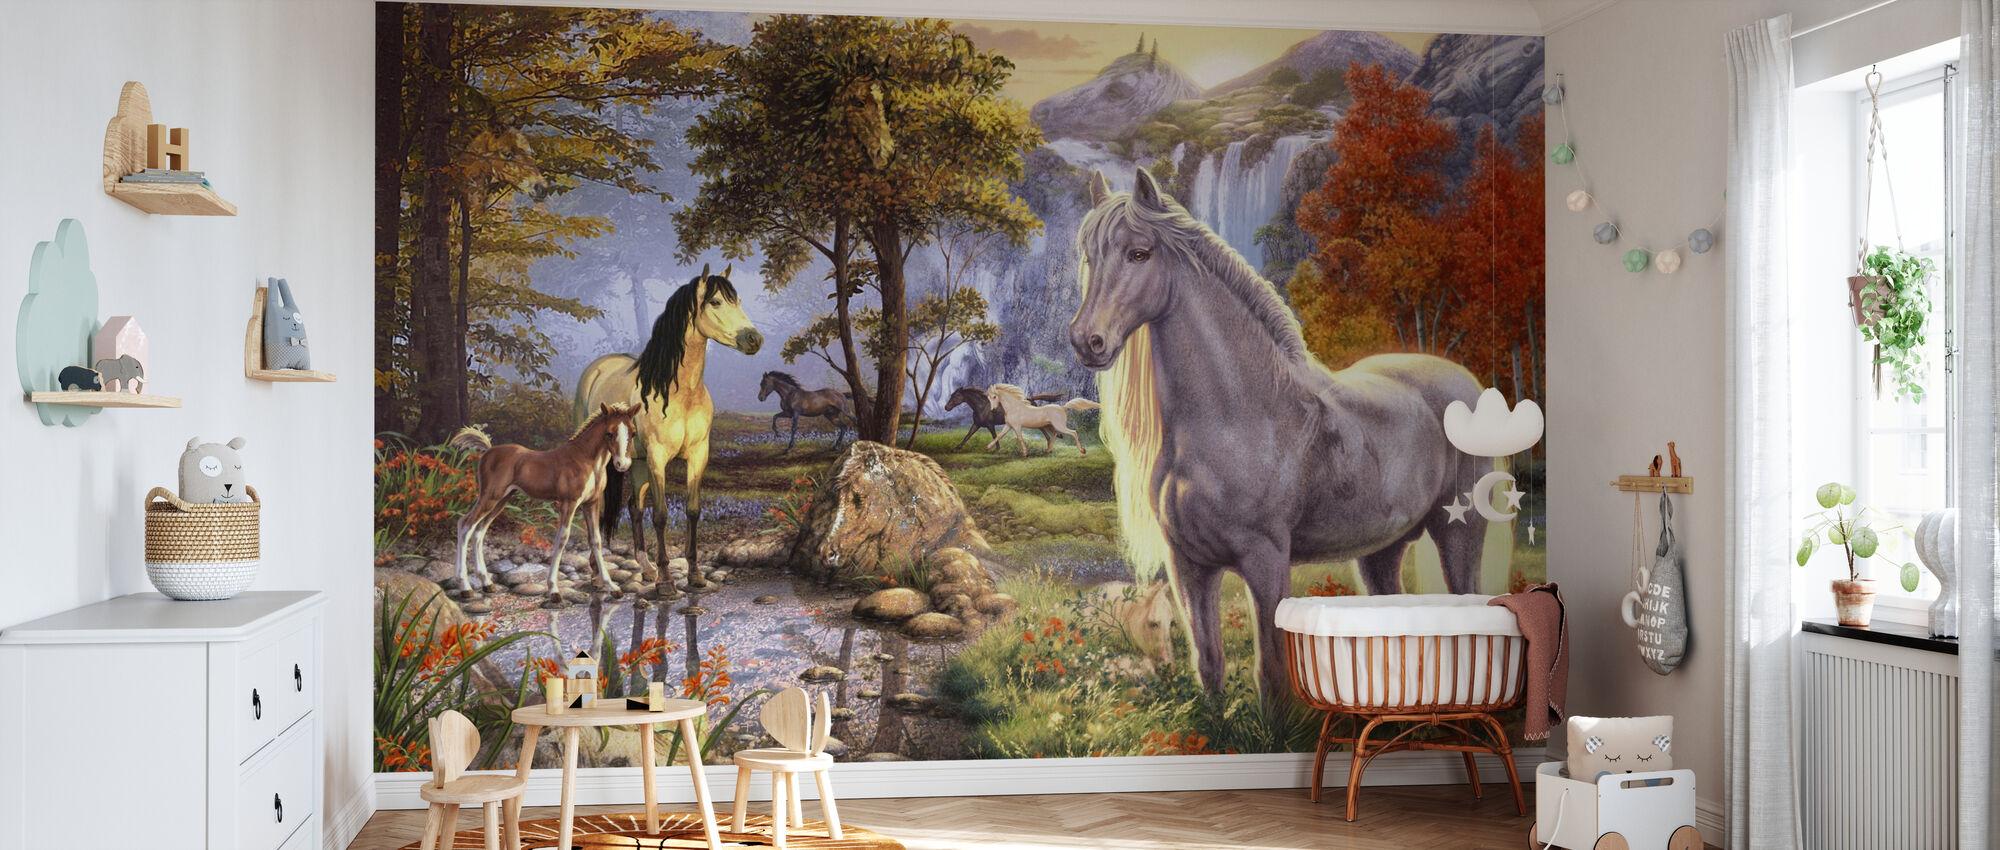 Immagini nascoste - Horses - Carta da parati - Culla